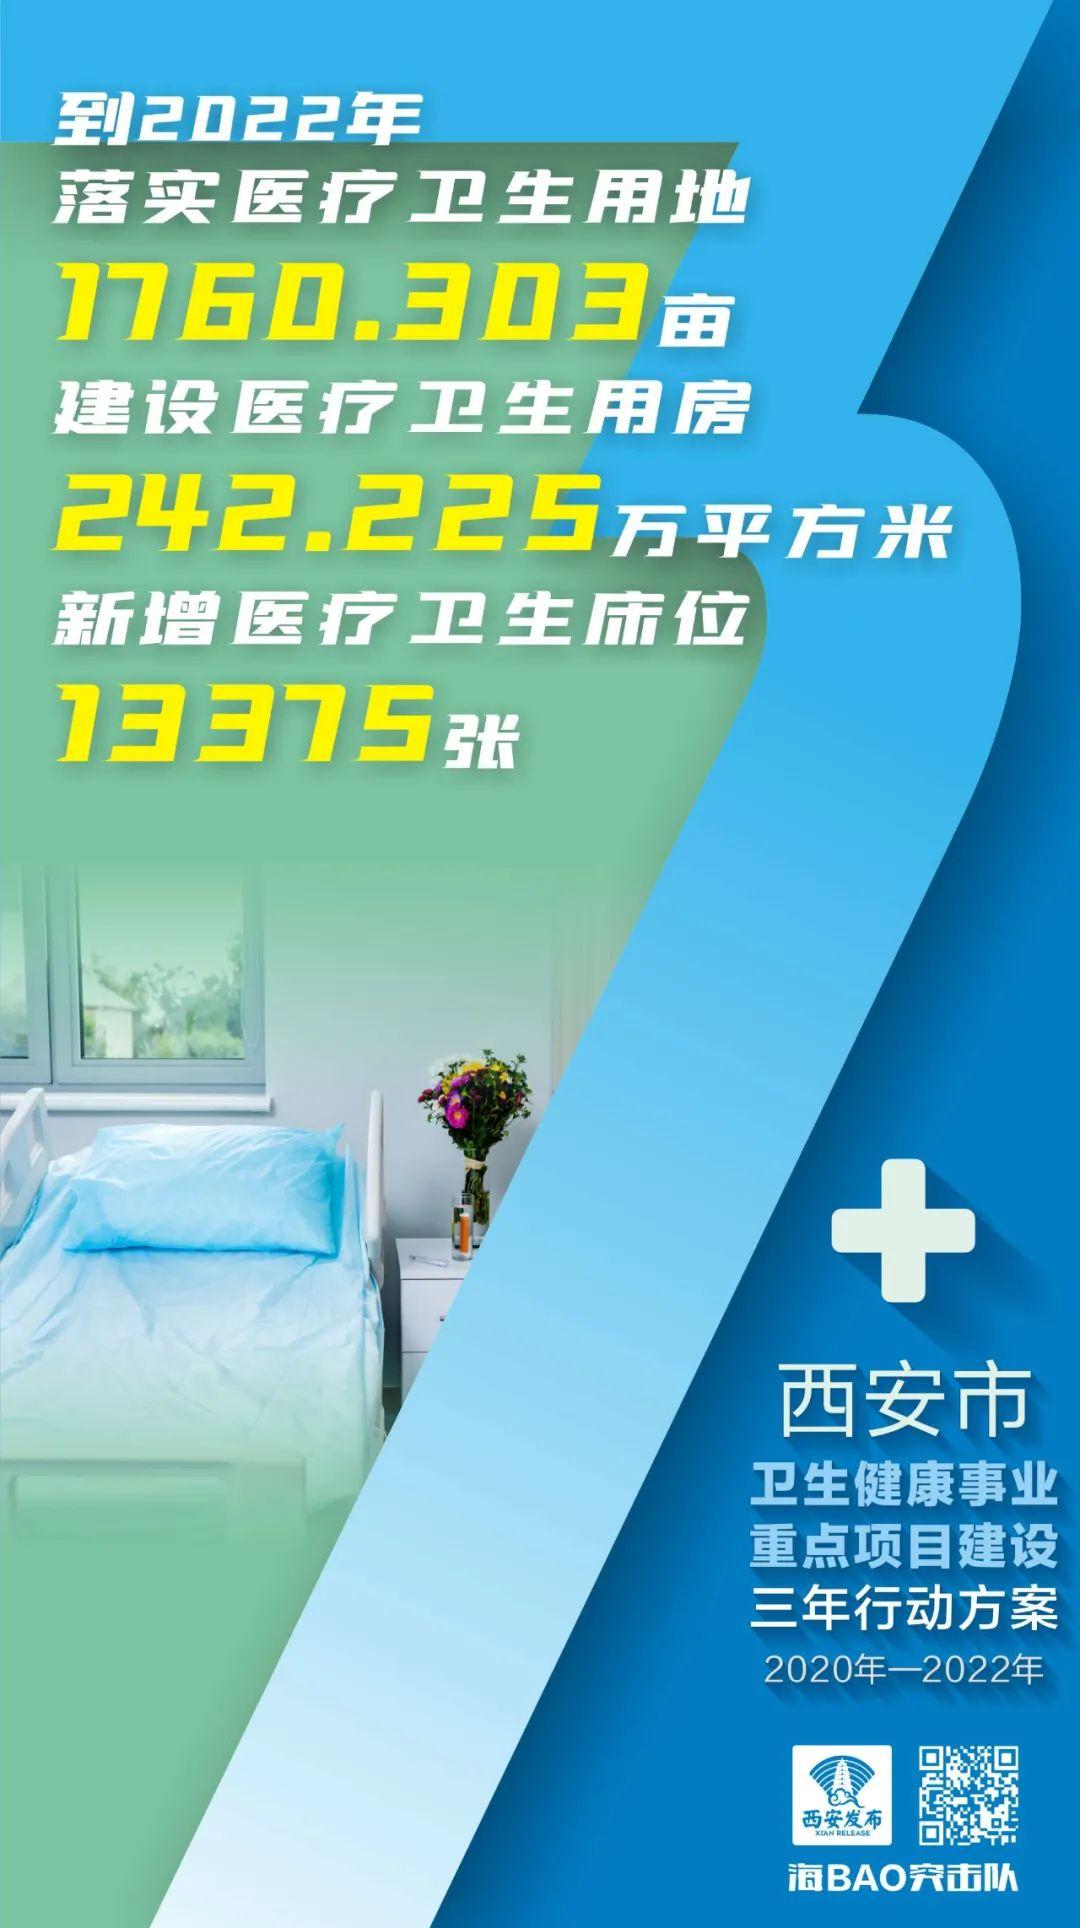 中美联合军演_听·西安   今日开始中考第二次补录征集志愿 新冠肺炎_新浪新闻